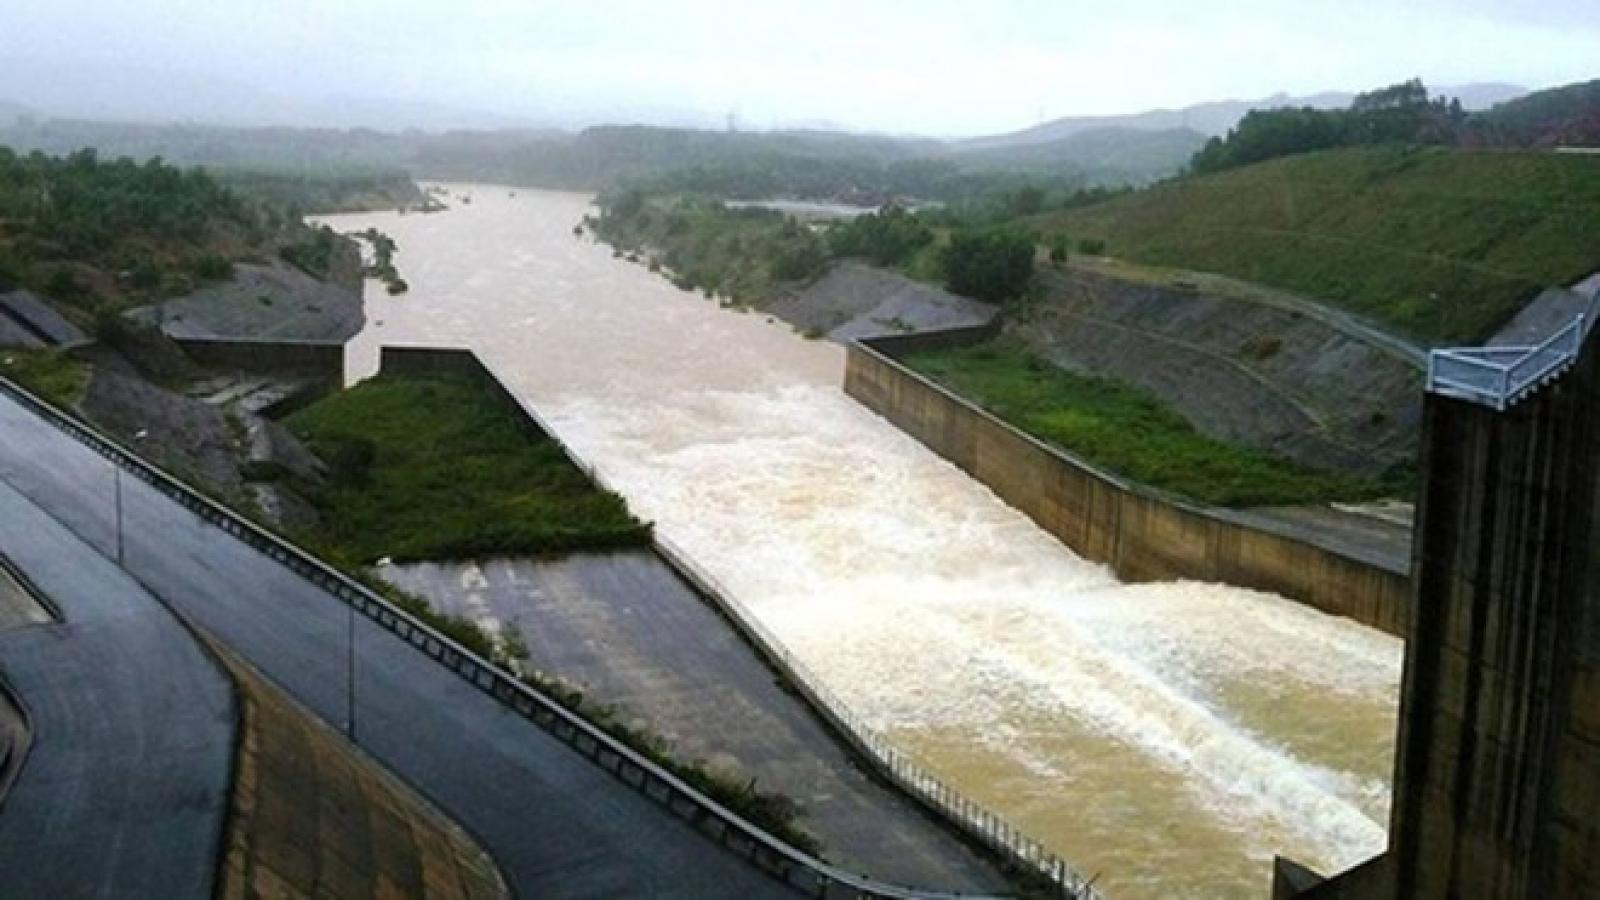 Hồ chứa thủy điện miền Trung vận hành an toàn, lưu lượng nước về hồ giảm